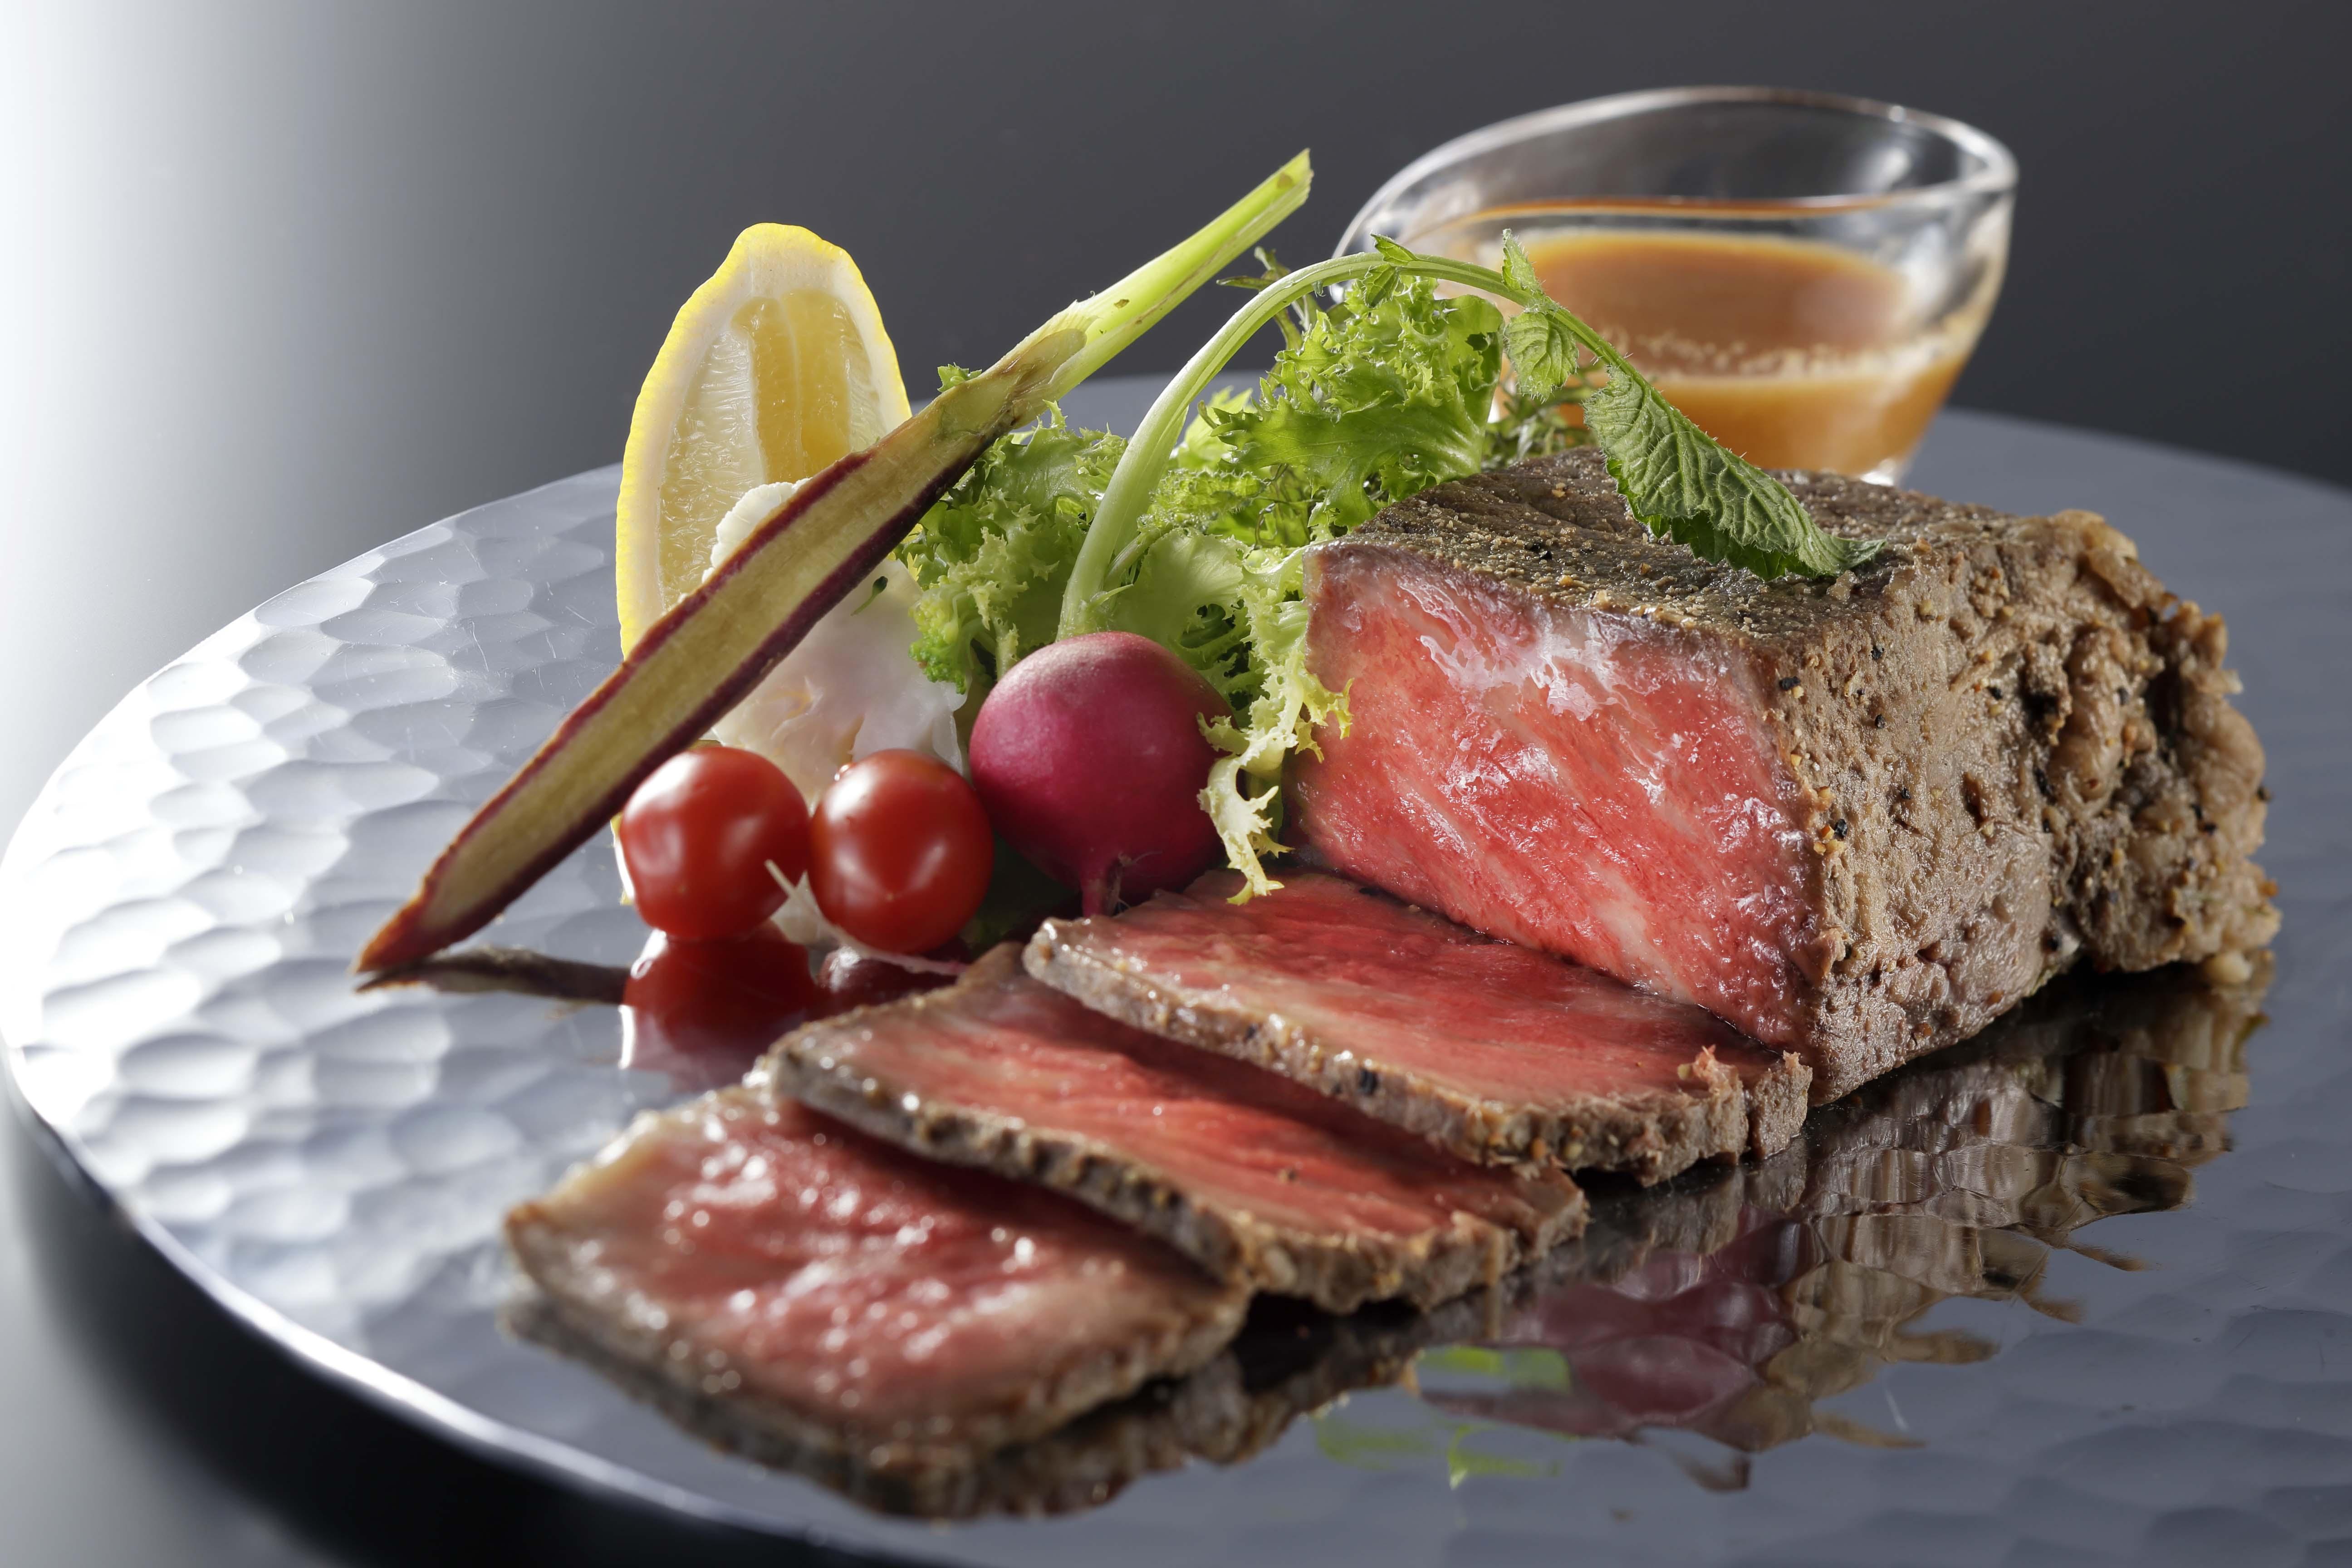 ダイエットの味方!?ローストビーフの意外なカロリーと栄養効果のサムネイル画像